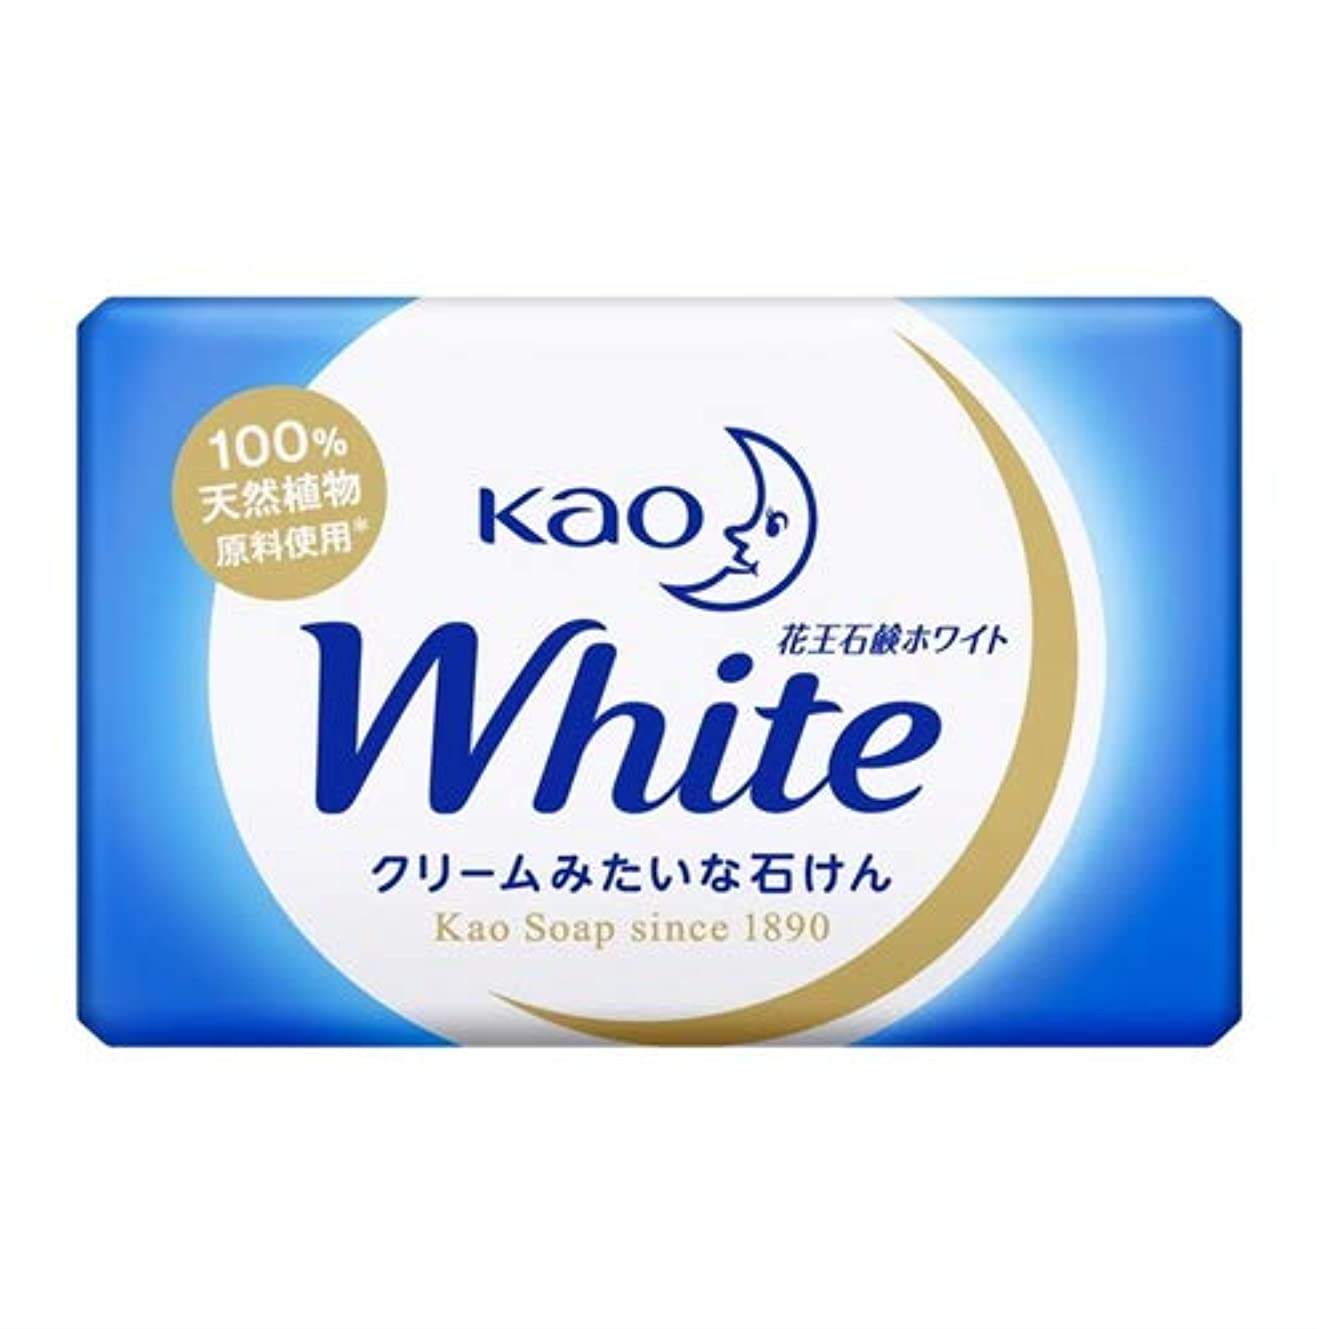 囚人虫を数えるかもしれない花王石鹸ホワイト 業務用ミニサイズ 15g × 100個セット